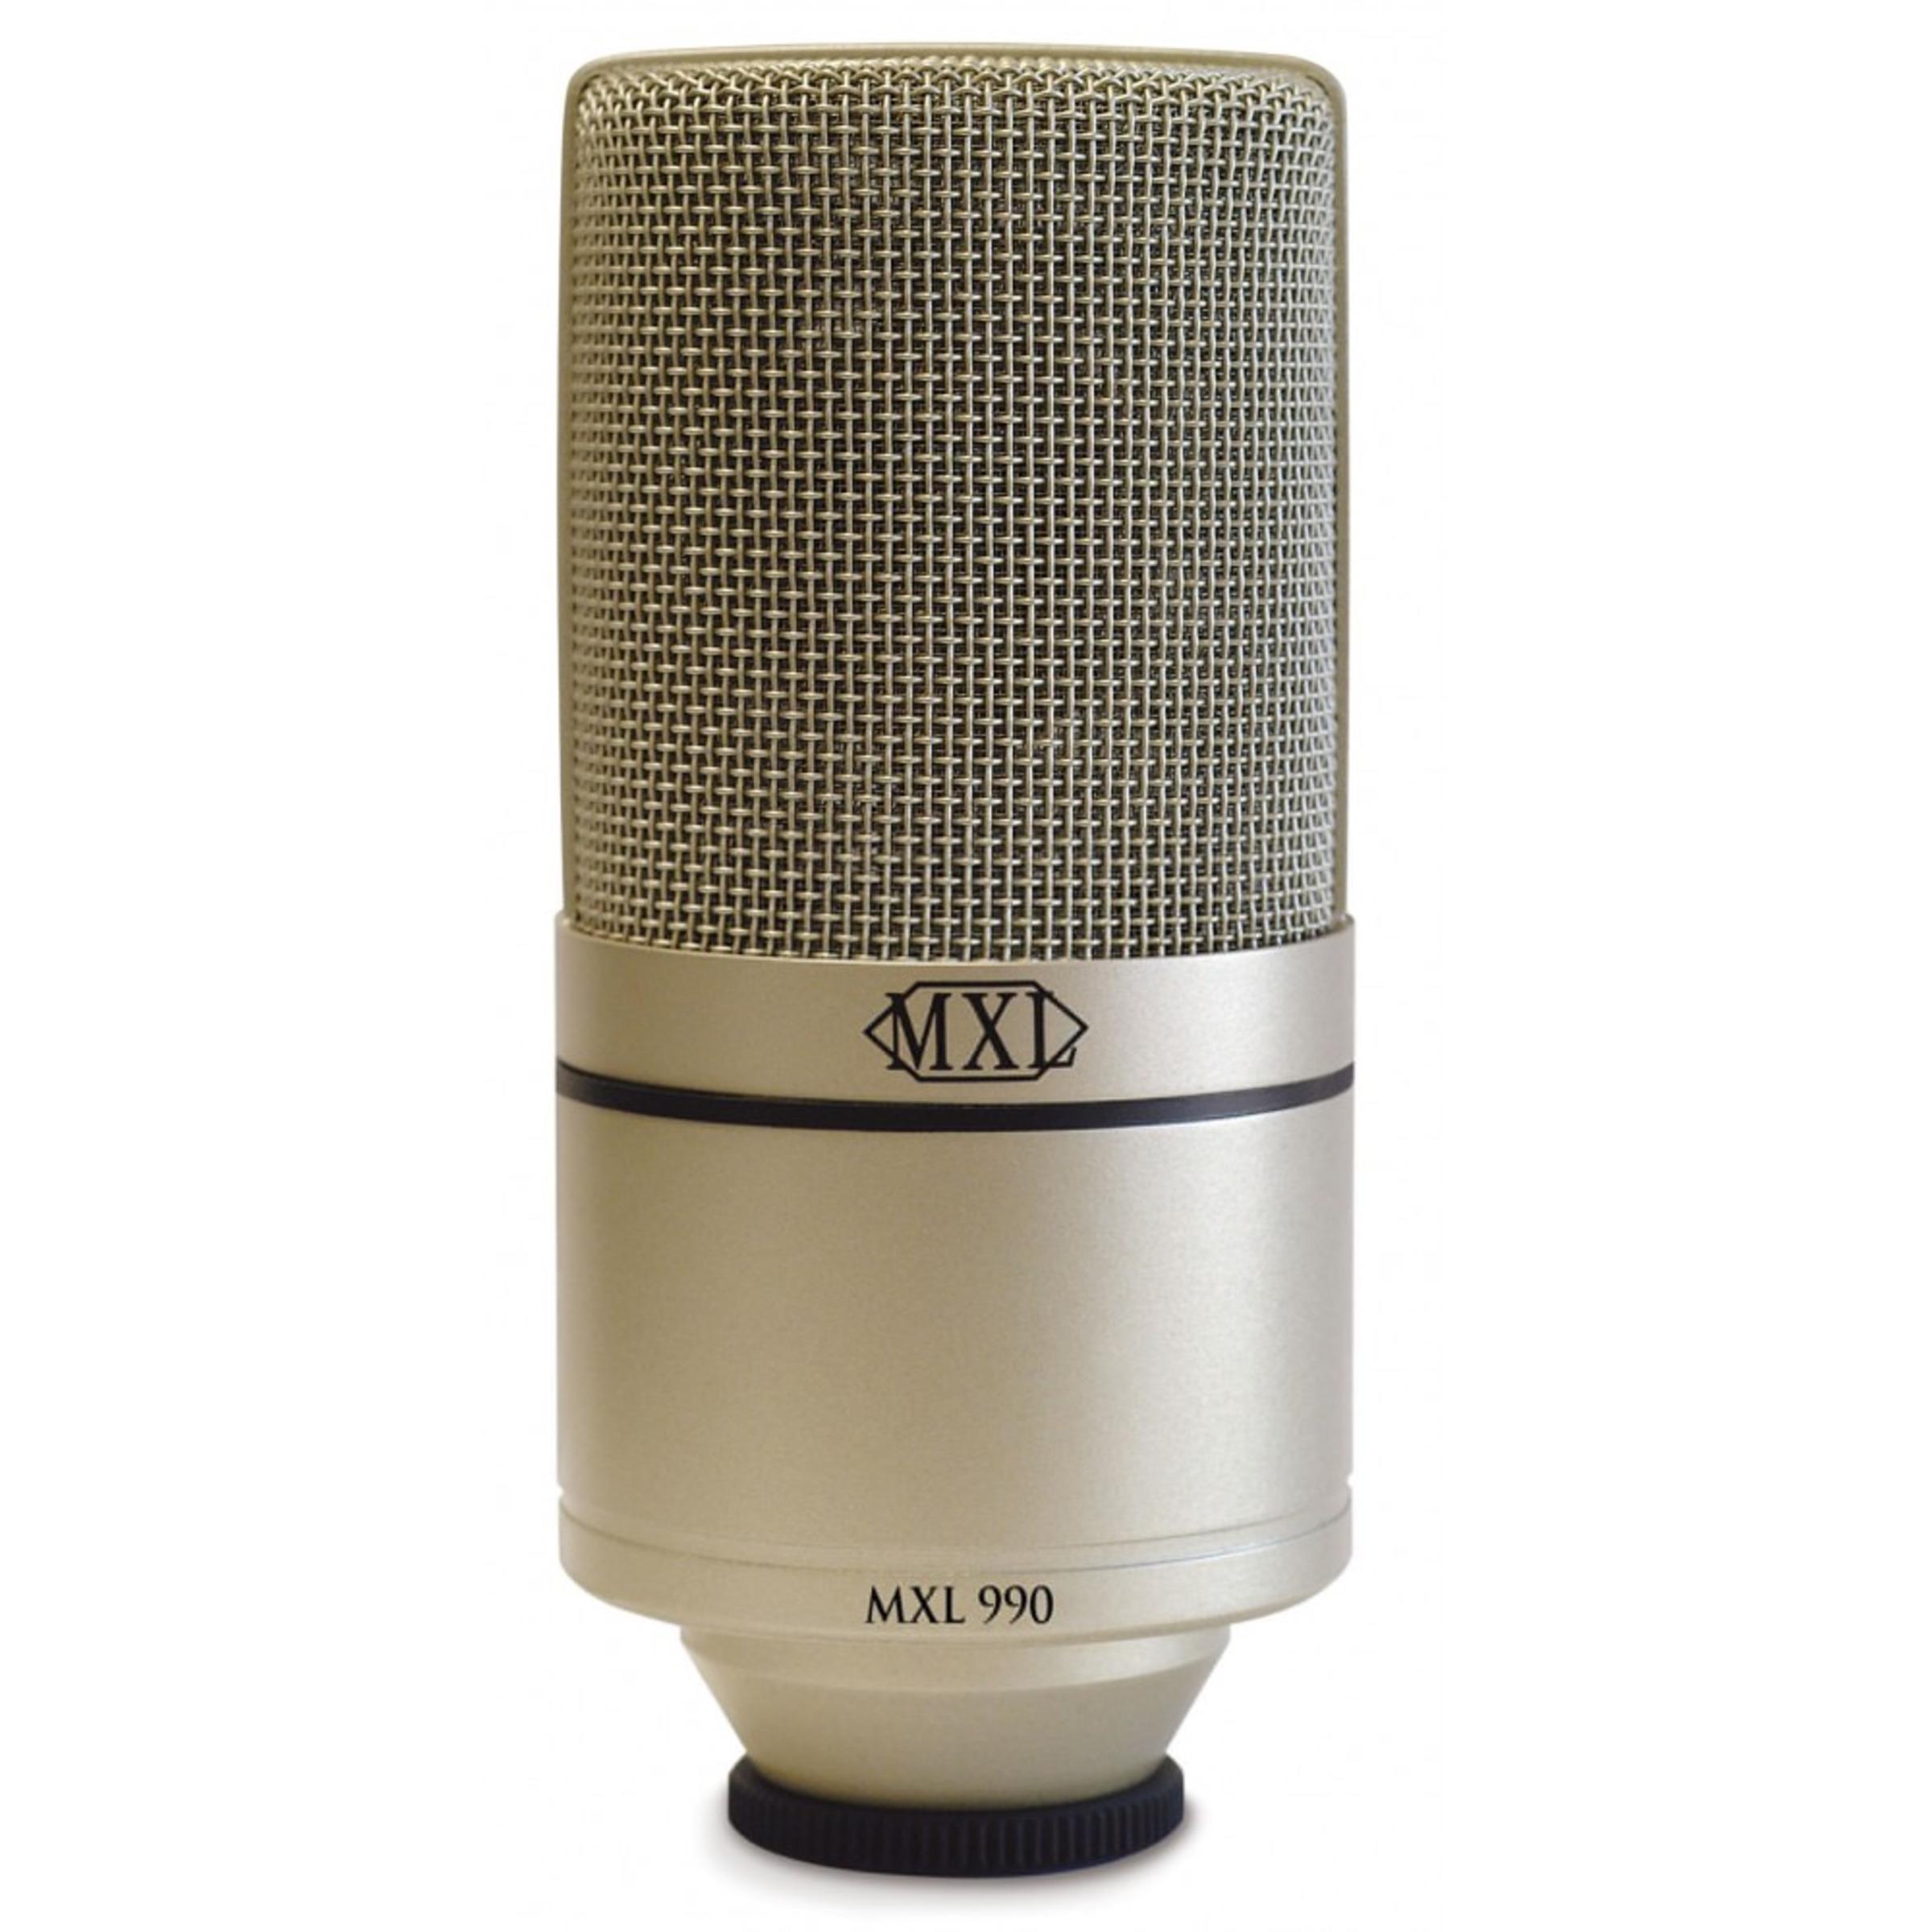 mxl 990 condenser mic giggear. Black Bedroom Furniture Sets. Home Design Ideas